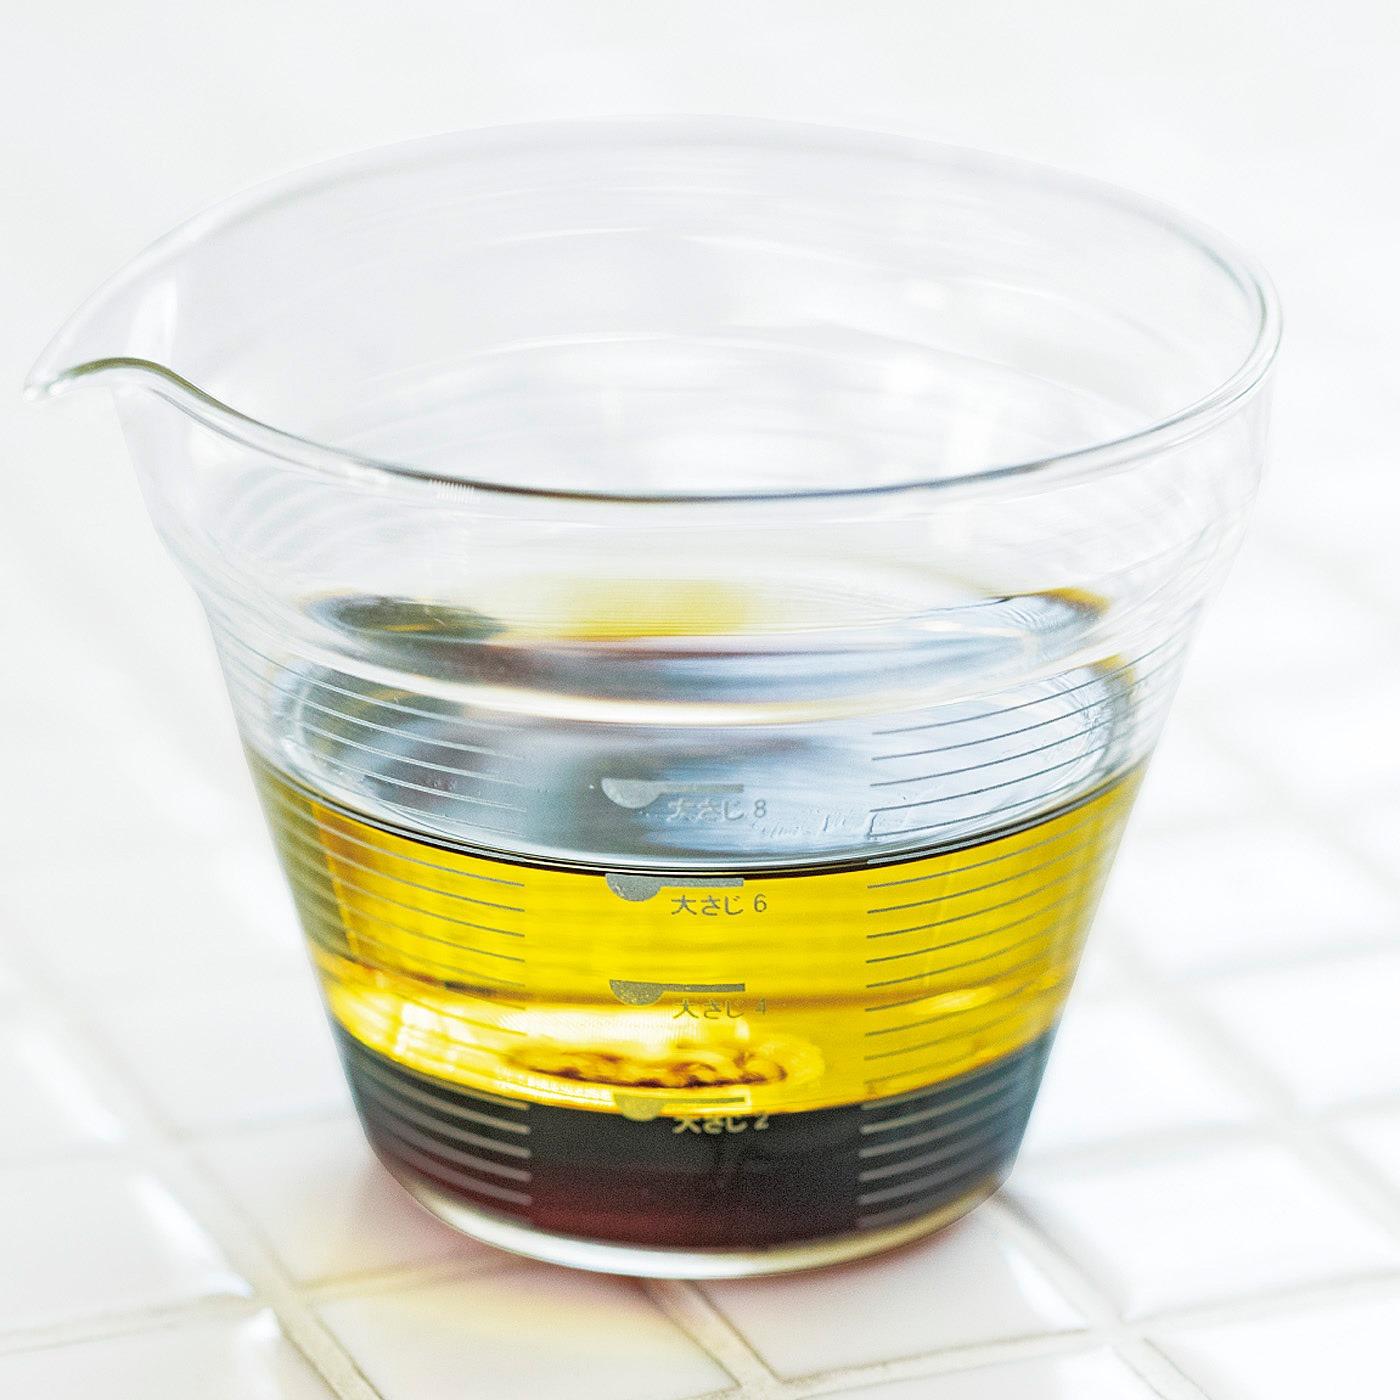 複数の調味料を注ぎ足して量れるから、料理の手際もよくなって洗い物も減らせます。